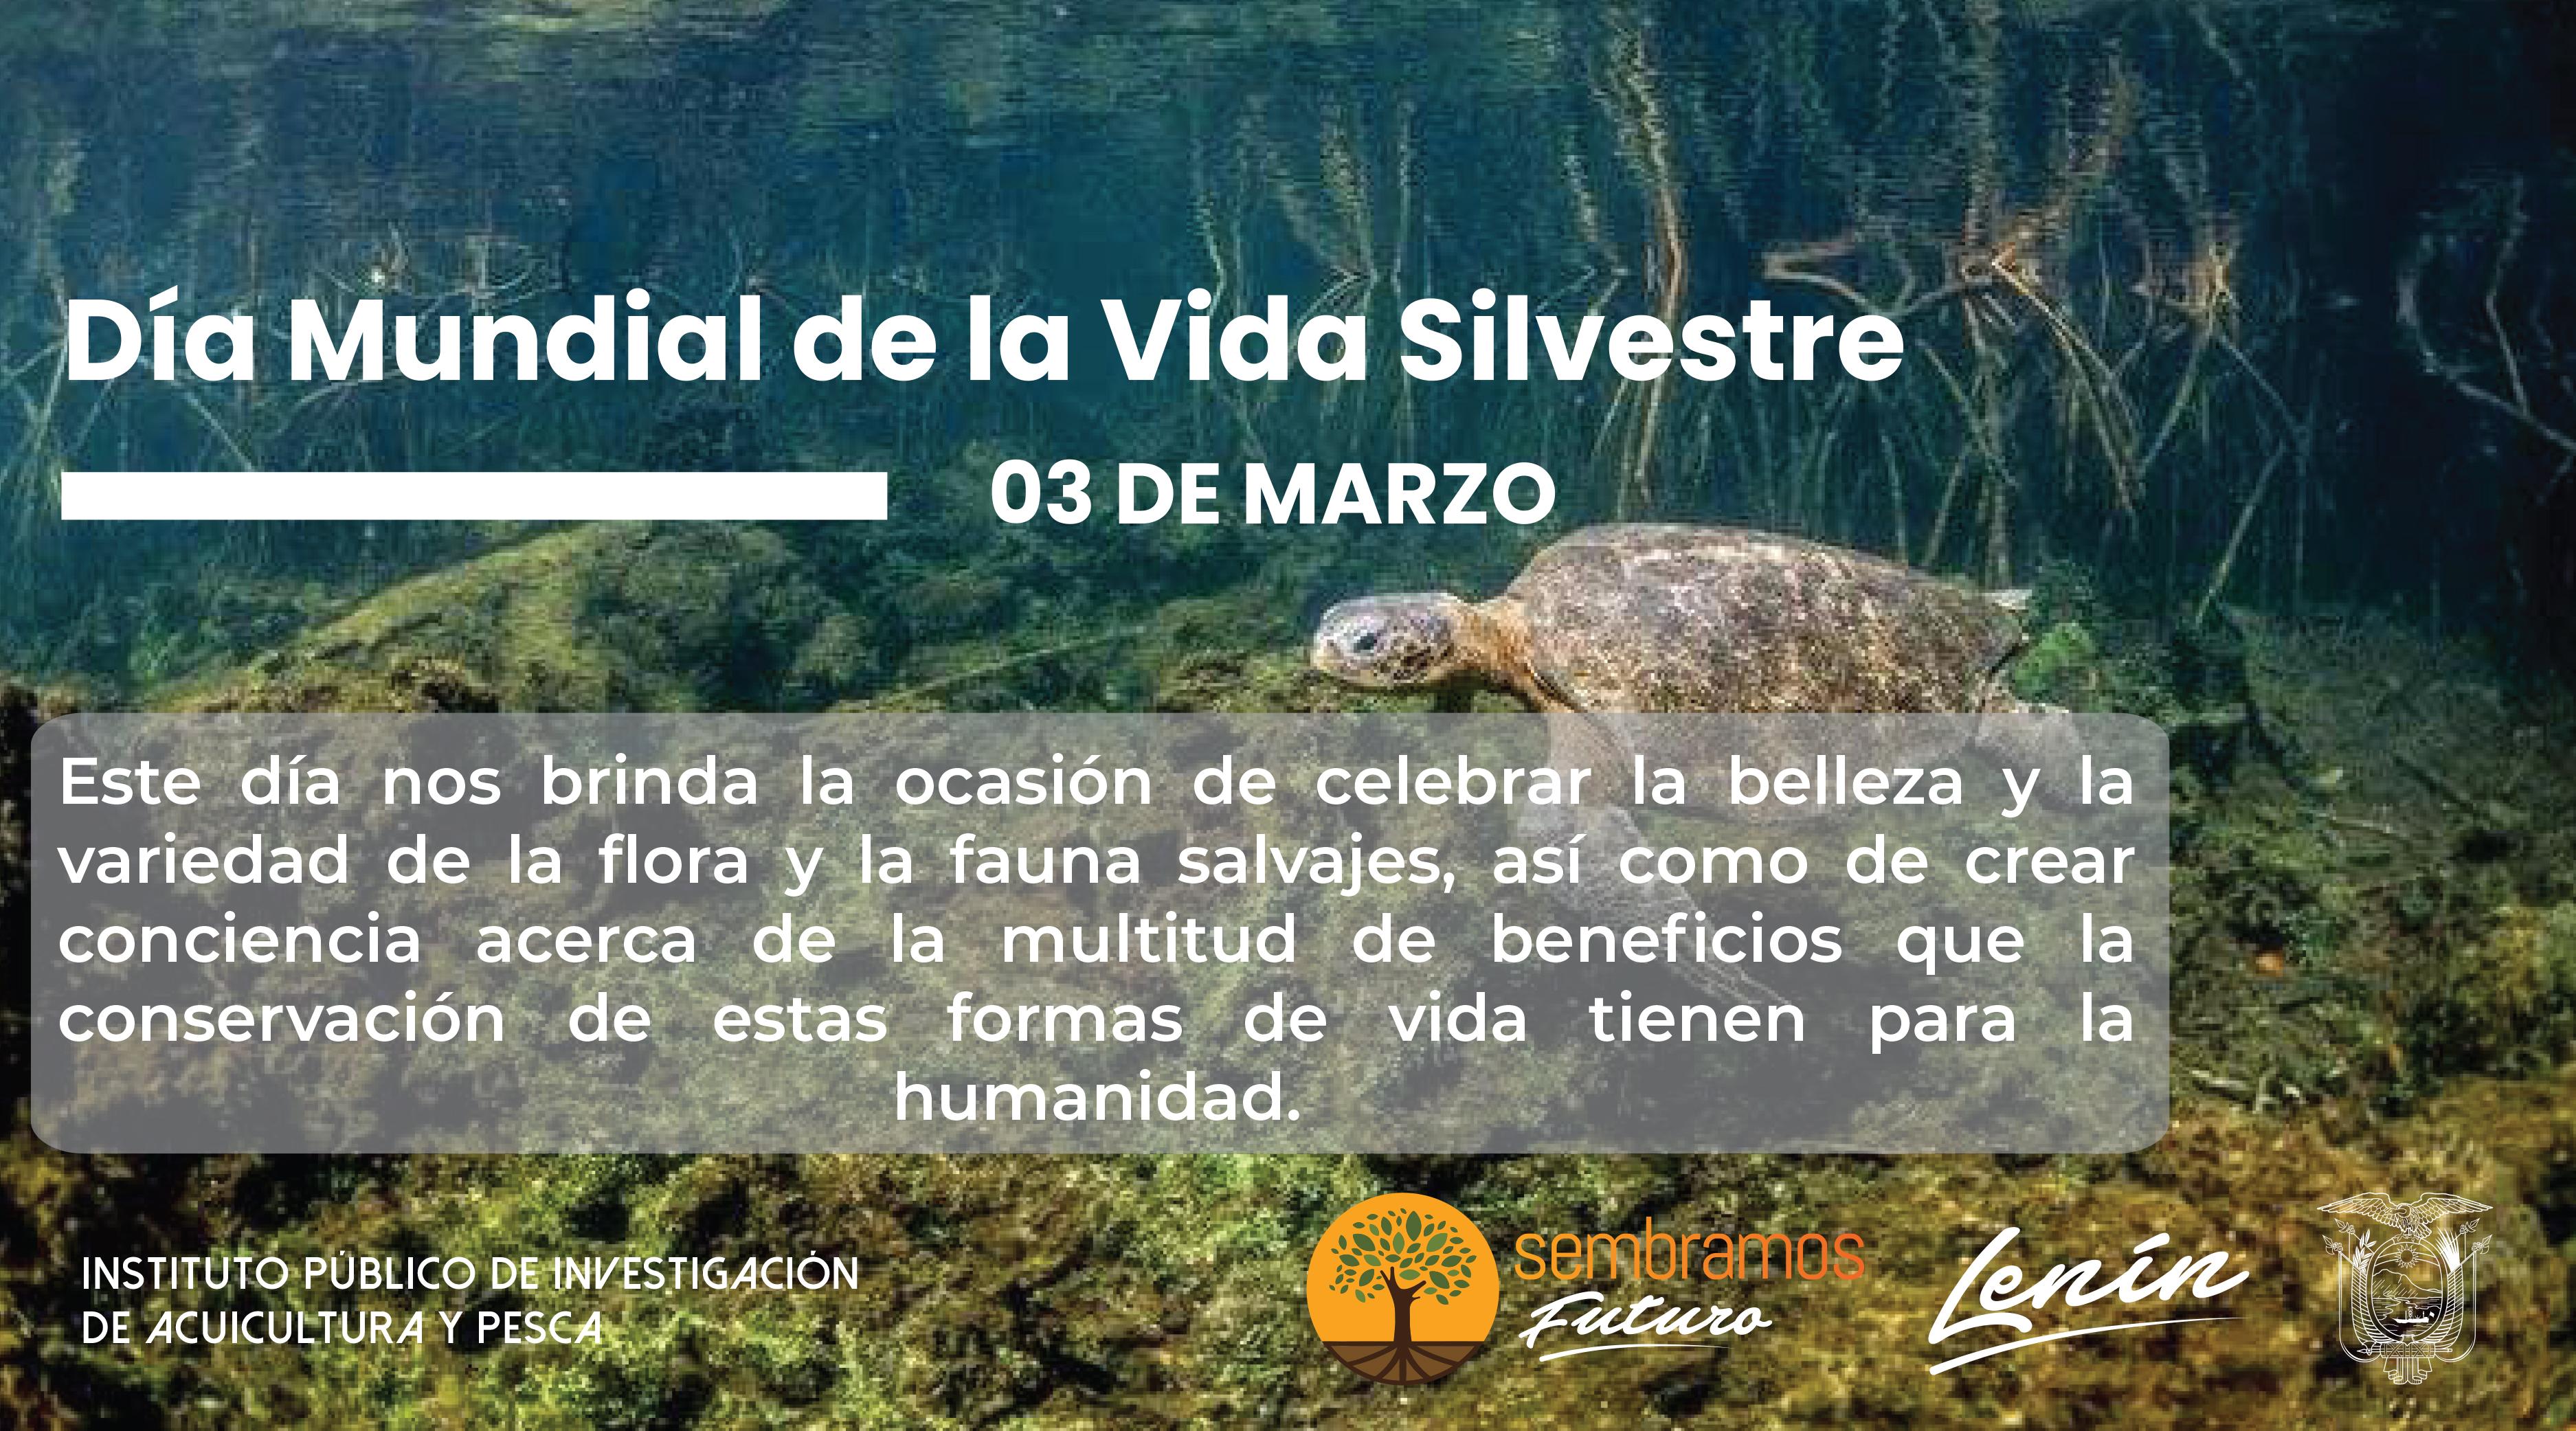 El Día Mundial de la Vida Silvestre